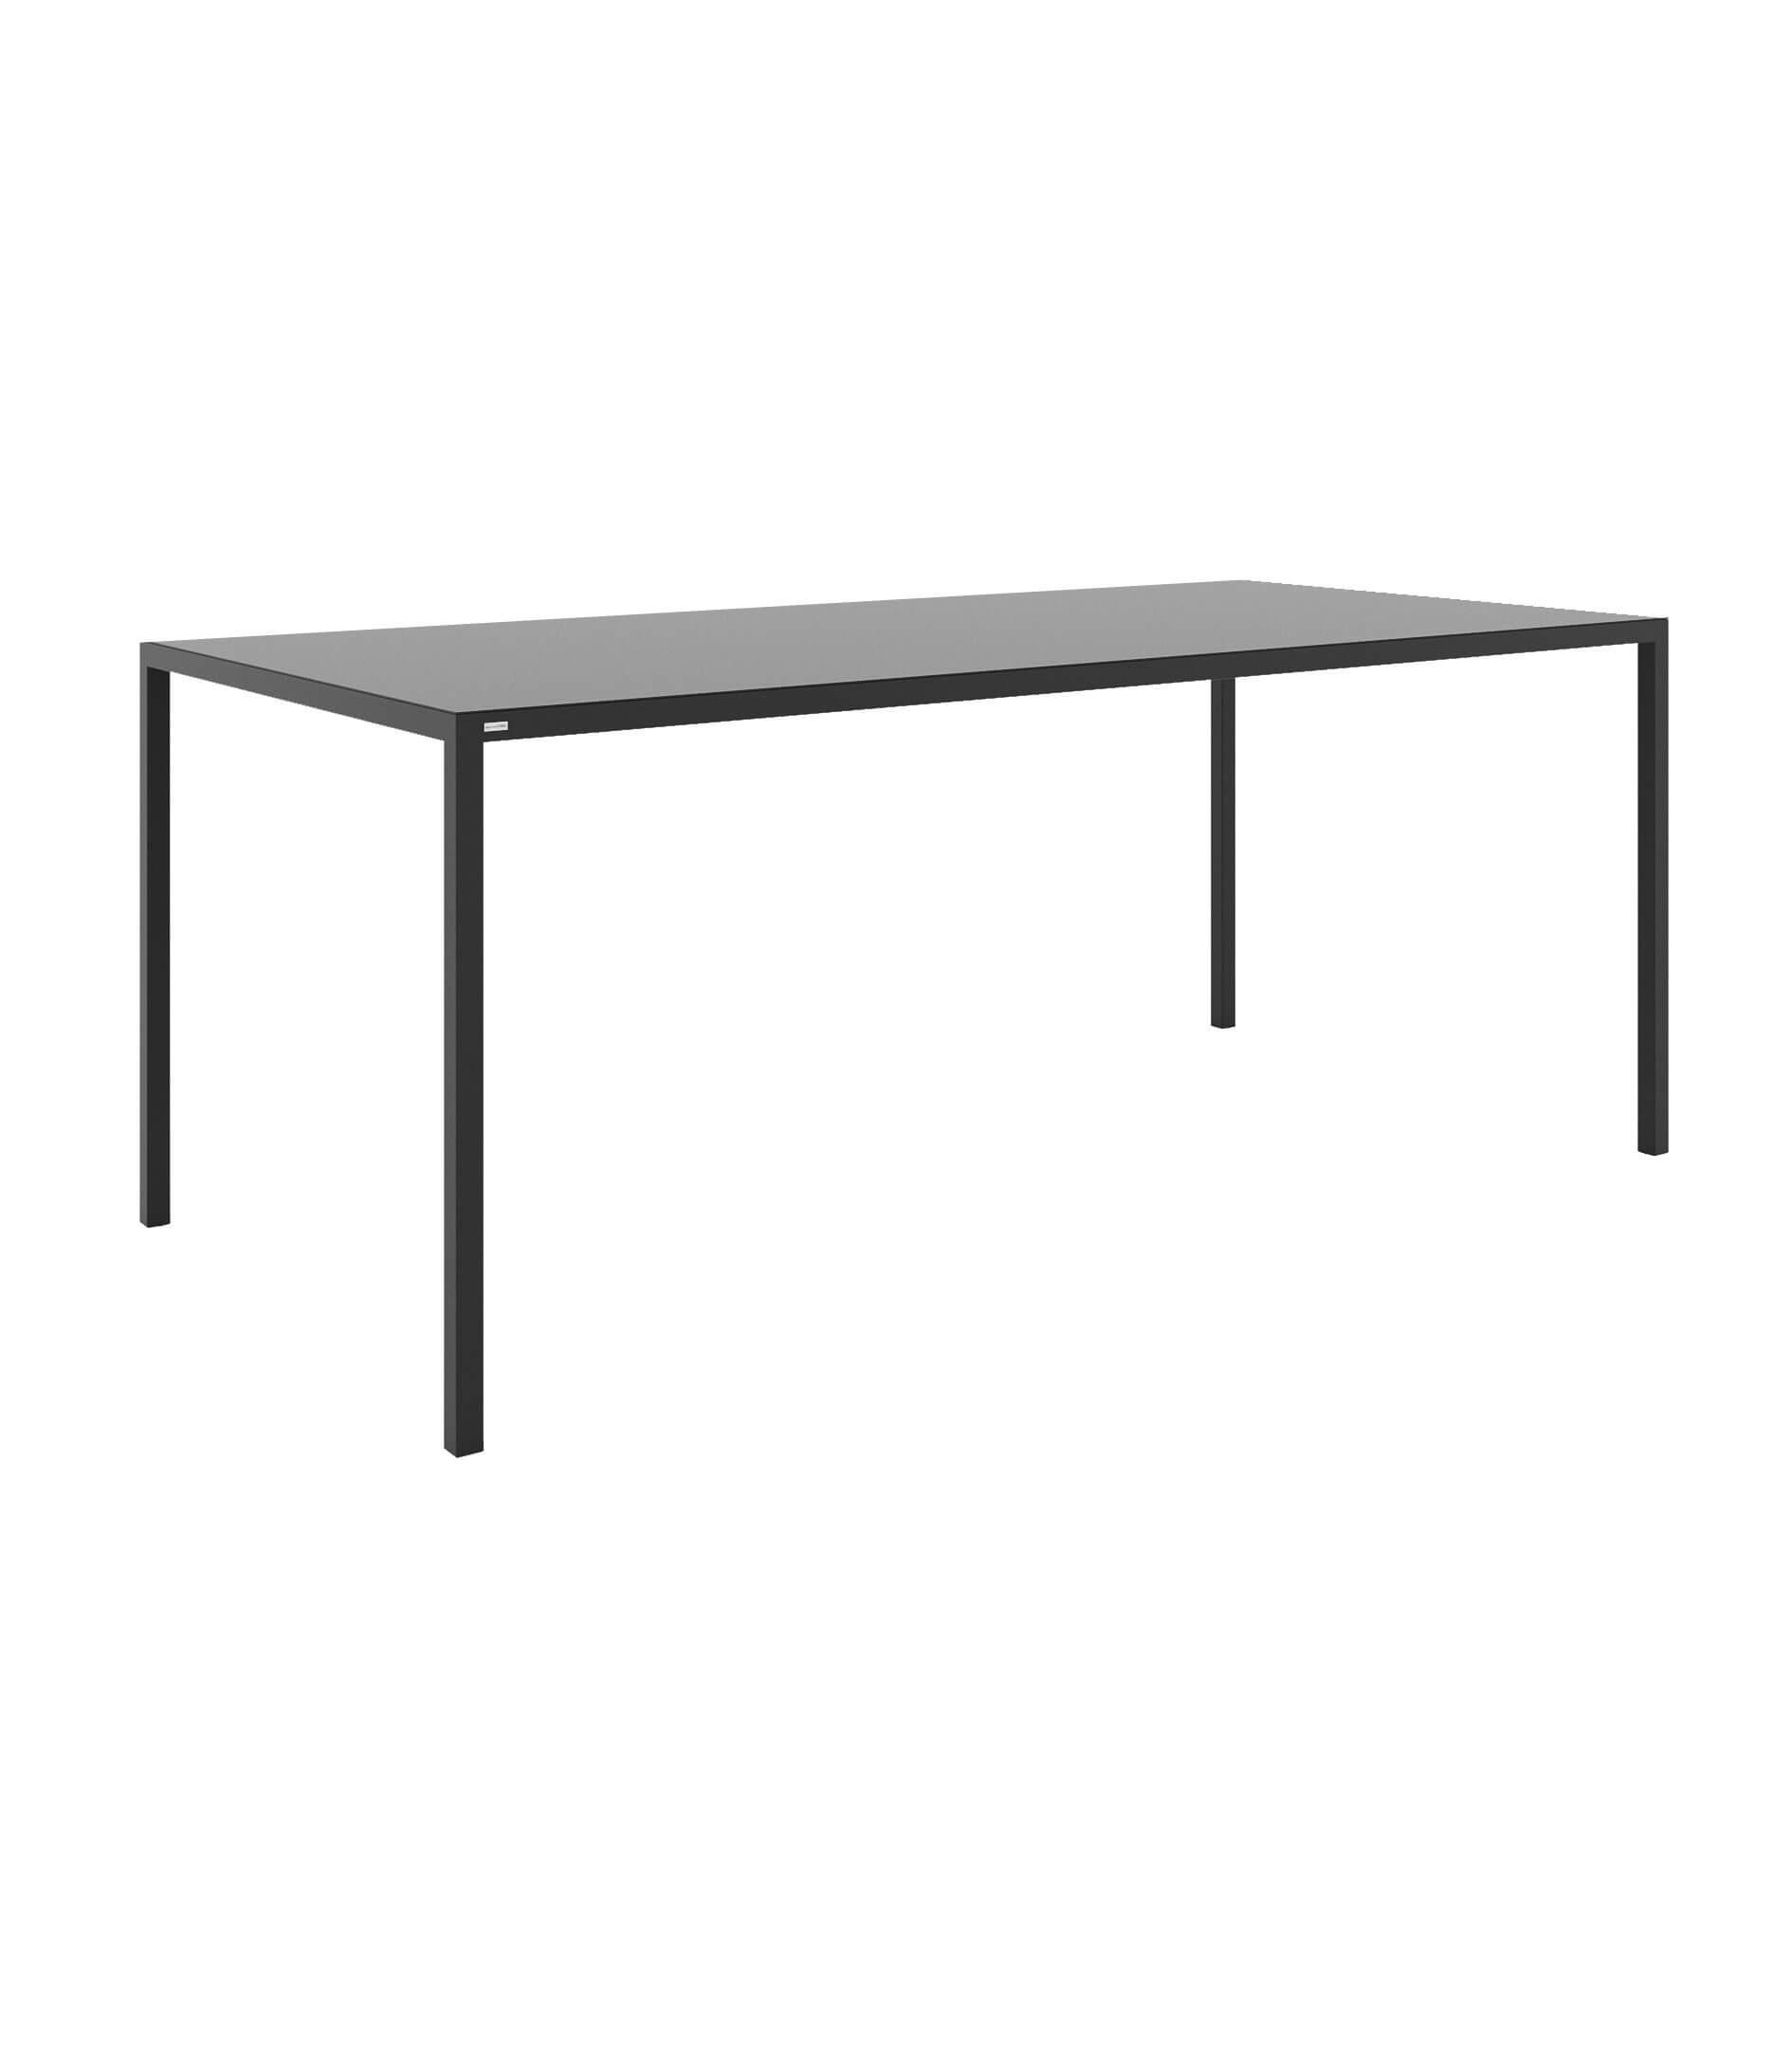 biały stalowy stół simplico - take me HOME